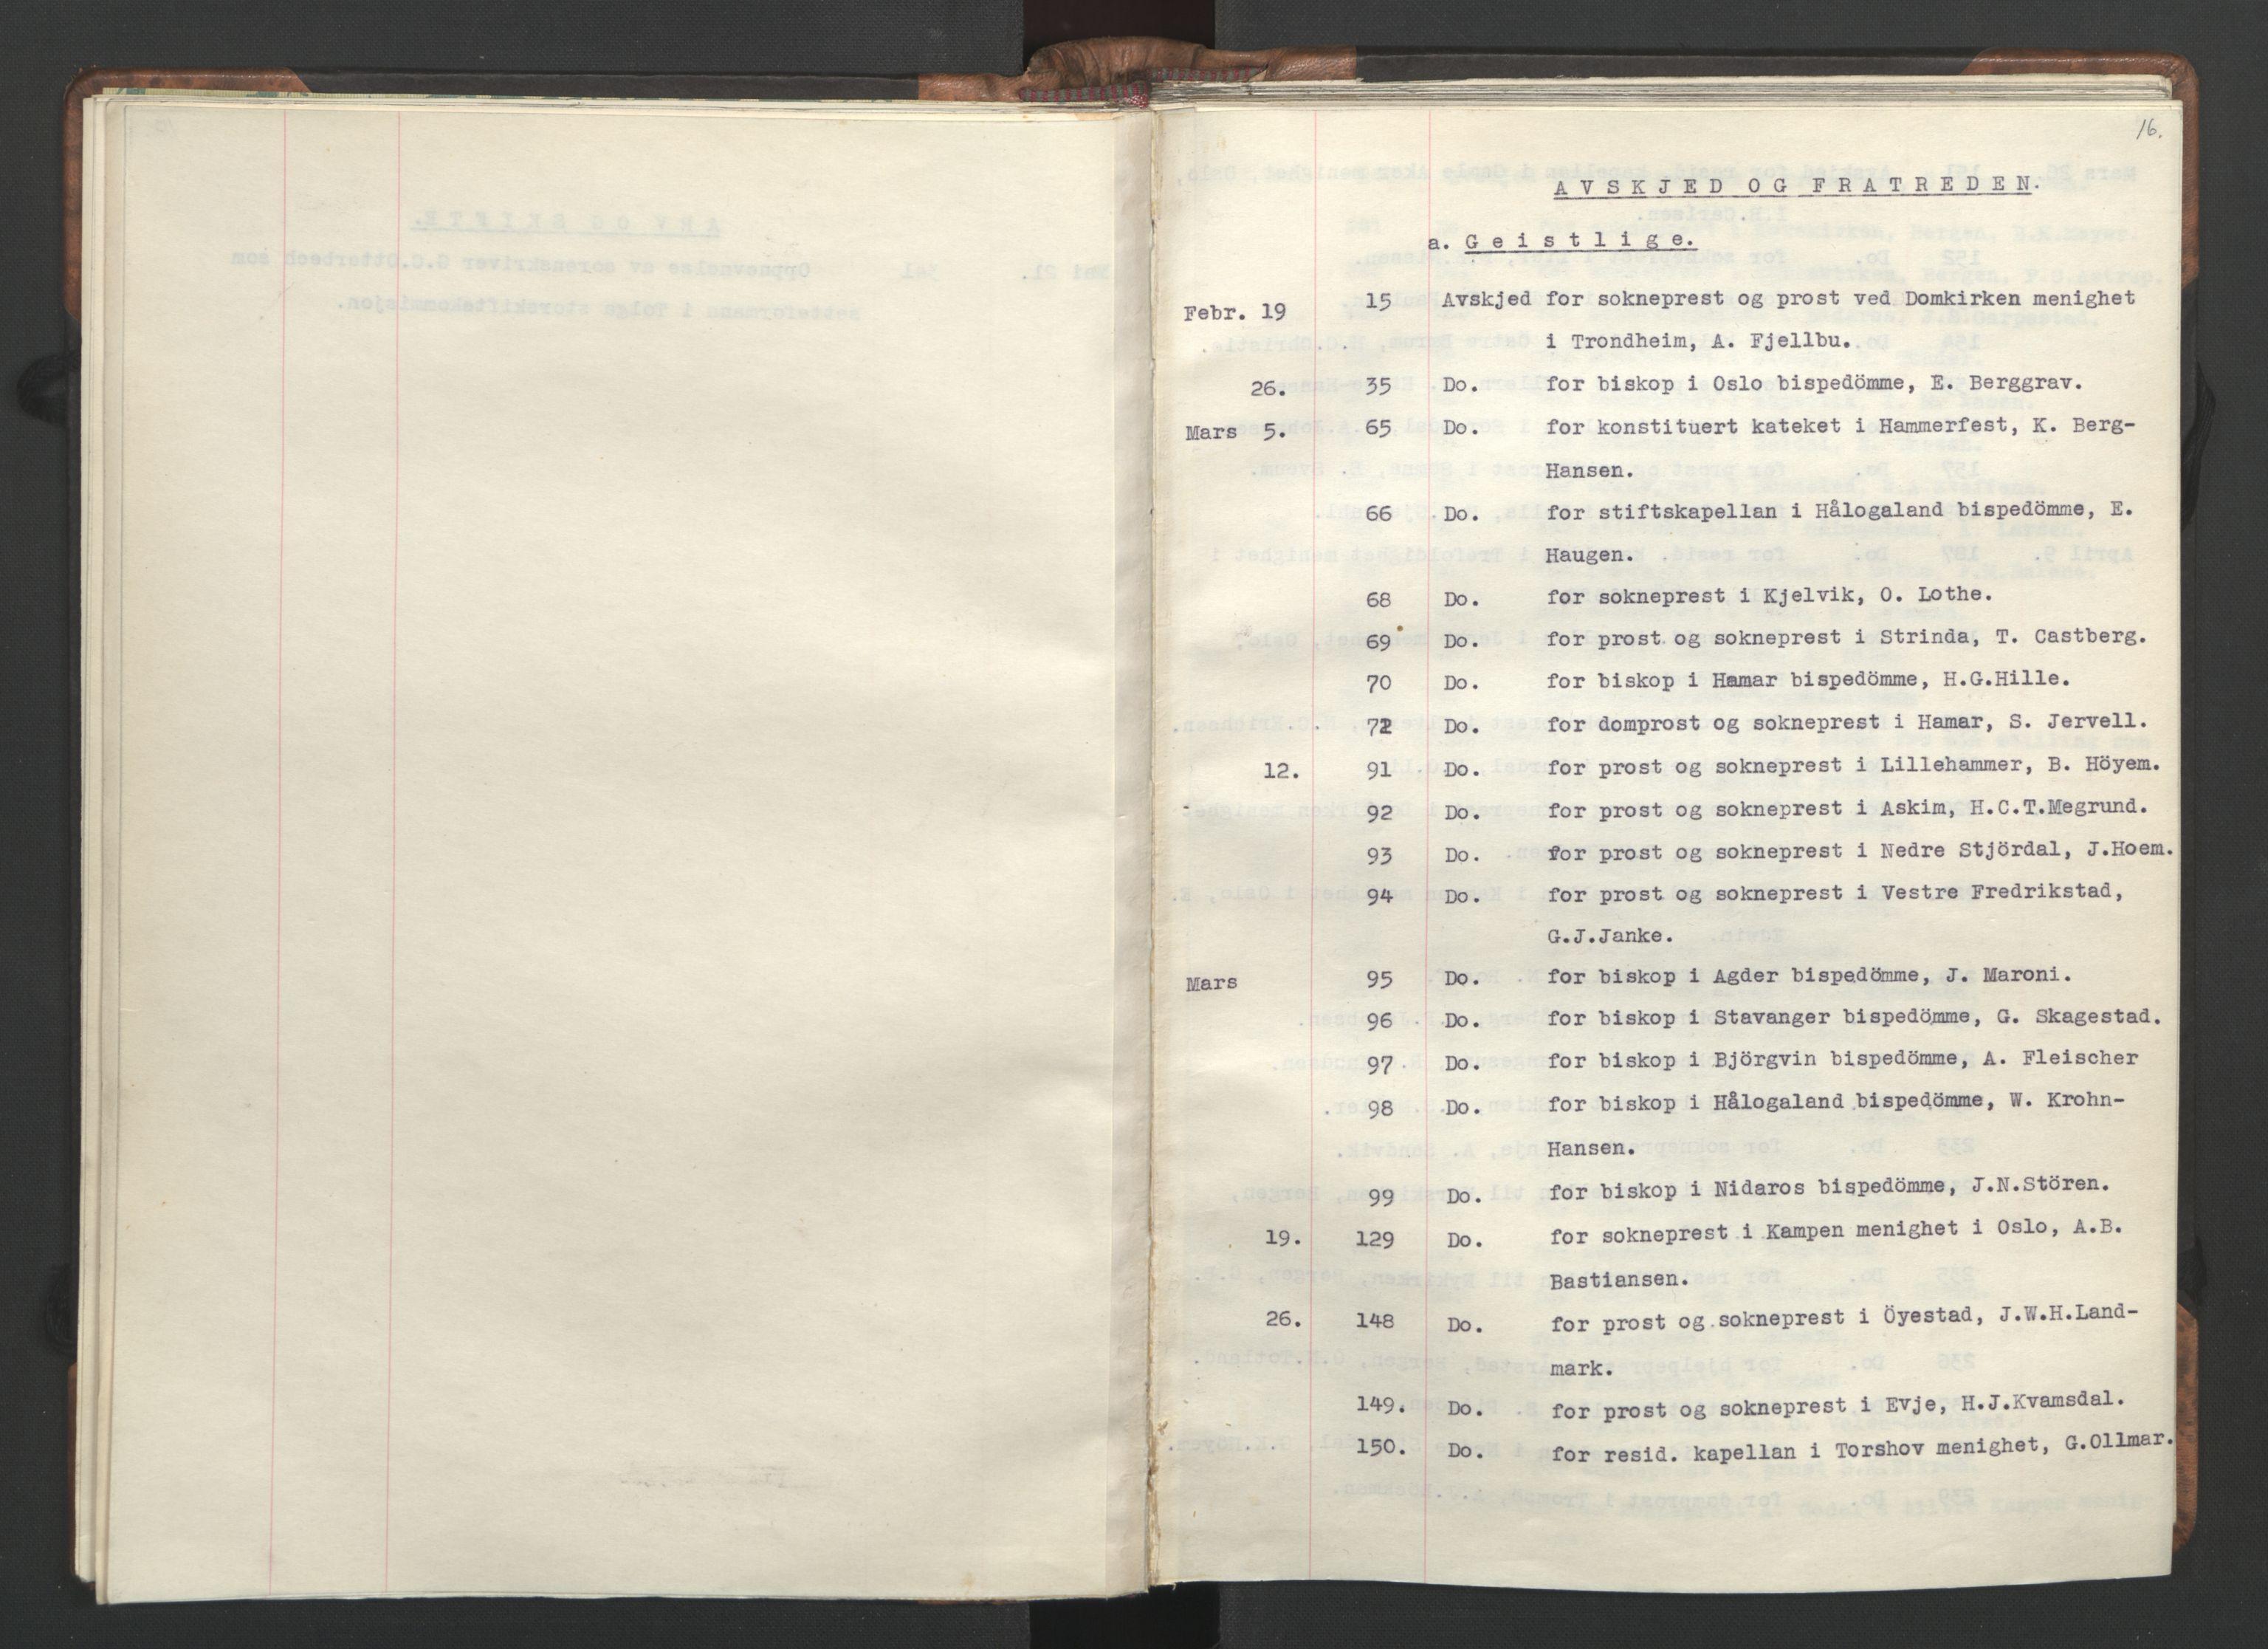 RA, NS-administrasjonen 1940-1945 (Statsrådsekretariatet, de kommisariske statsråder mm), D/Da/L0002: Register (RA j.nr. 985/1943, tilgangsnr. 17/1943), 1942, s. 15b-16a